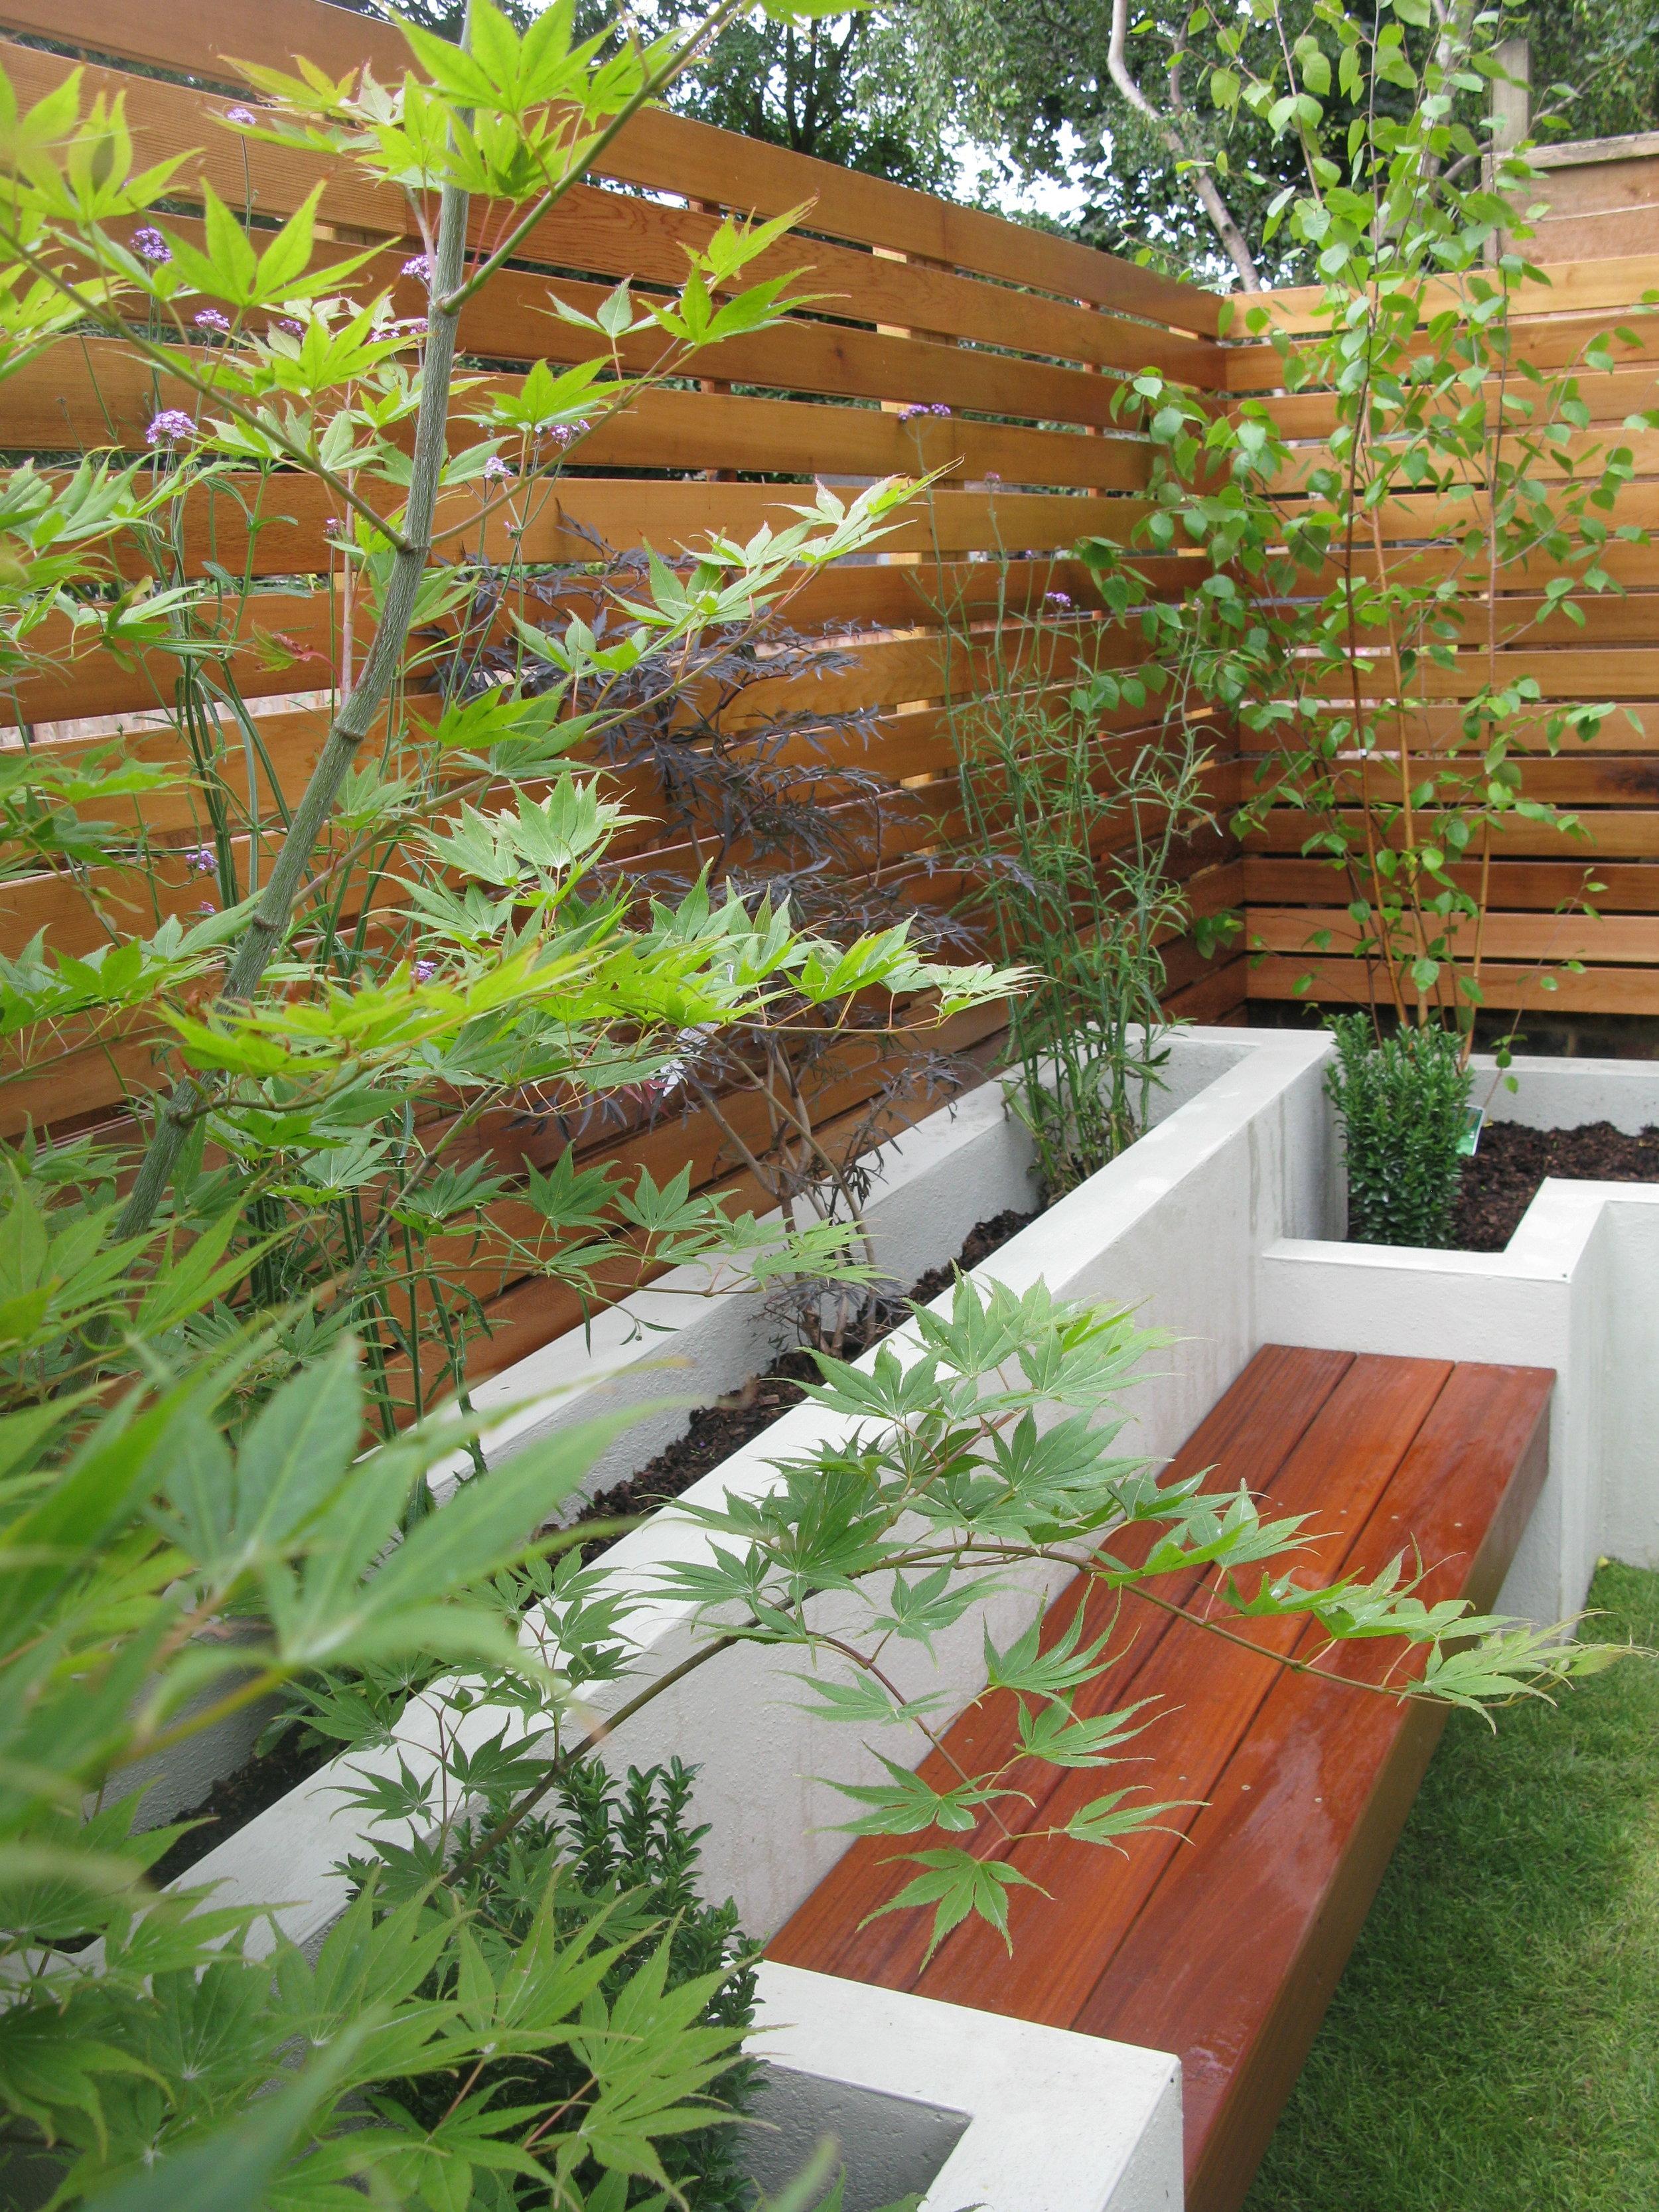 Recent Work Carter Woods Garden Design Build